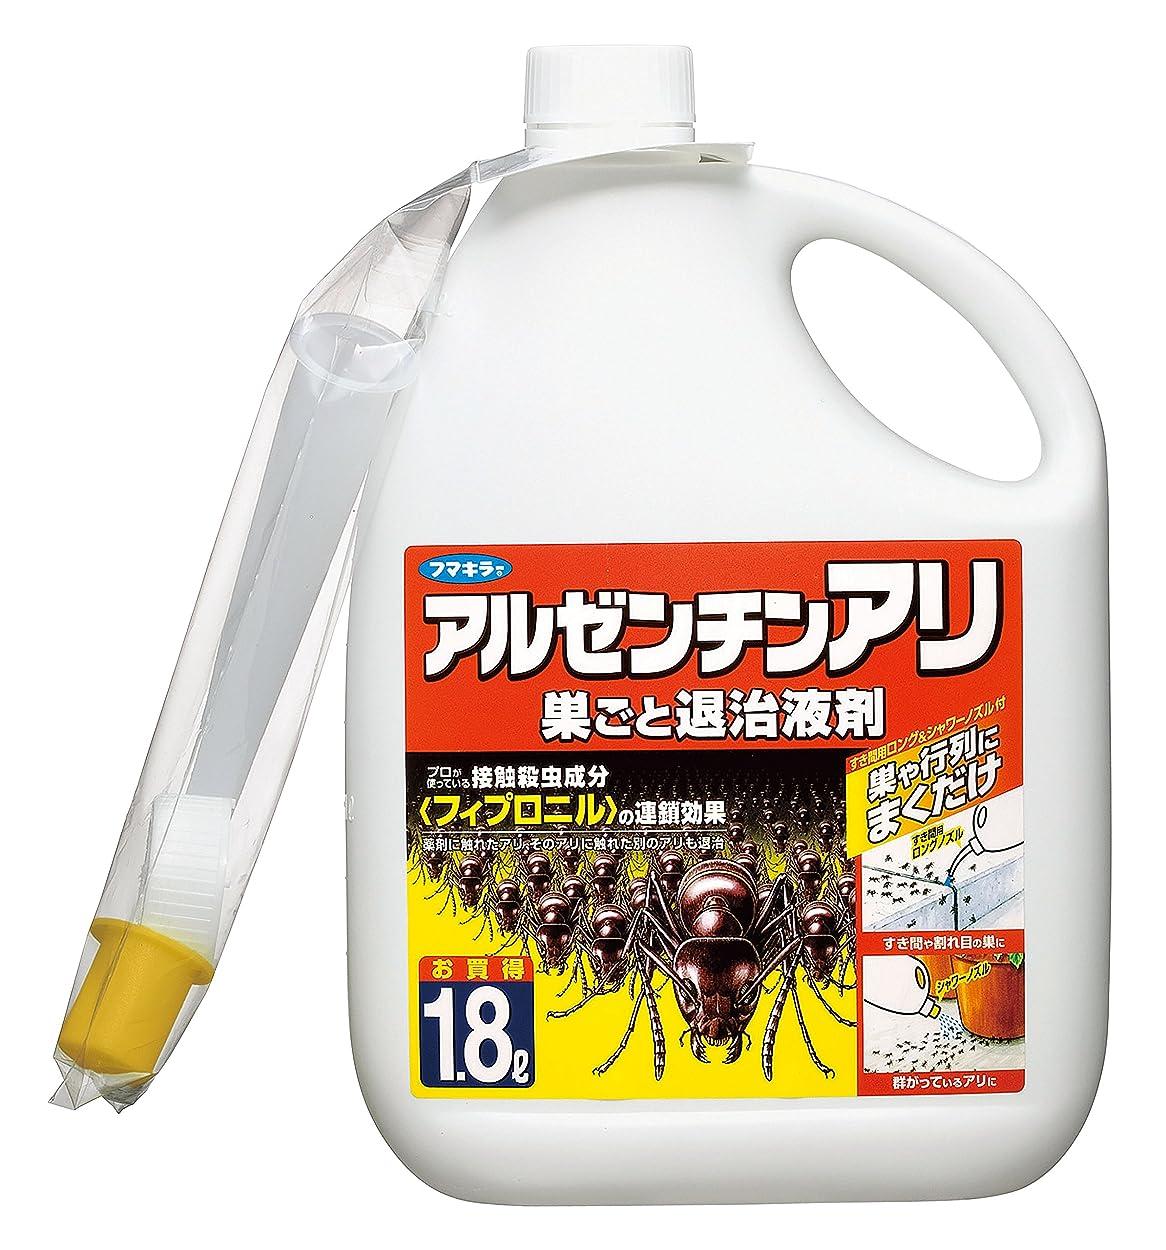 猫背耐えられない遺伝子フマキラー 蟻 駆除 殺虫剤 アルゼンチンアリ 巣ごと退治液剤 1.8L